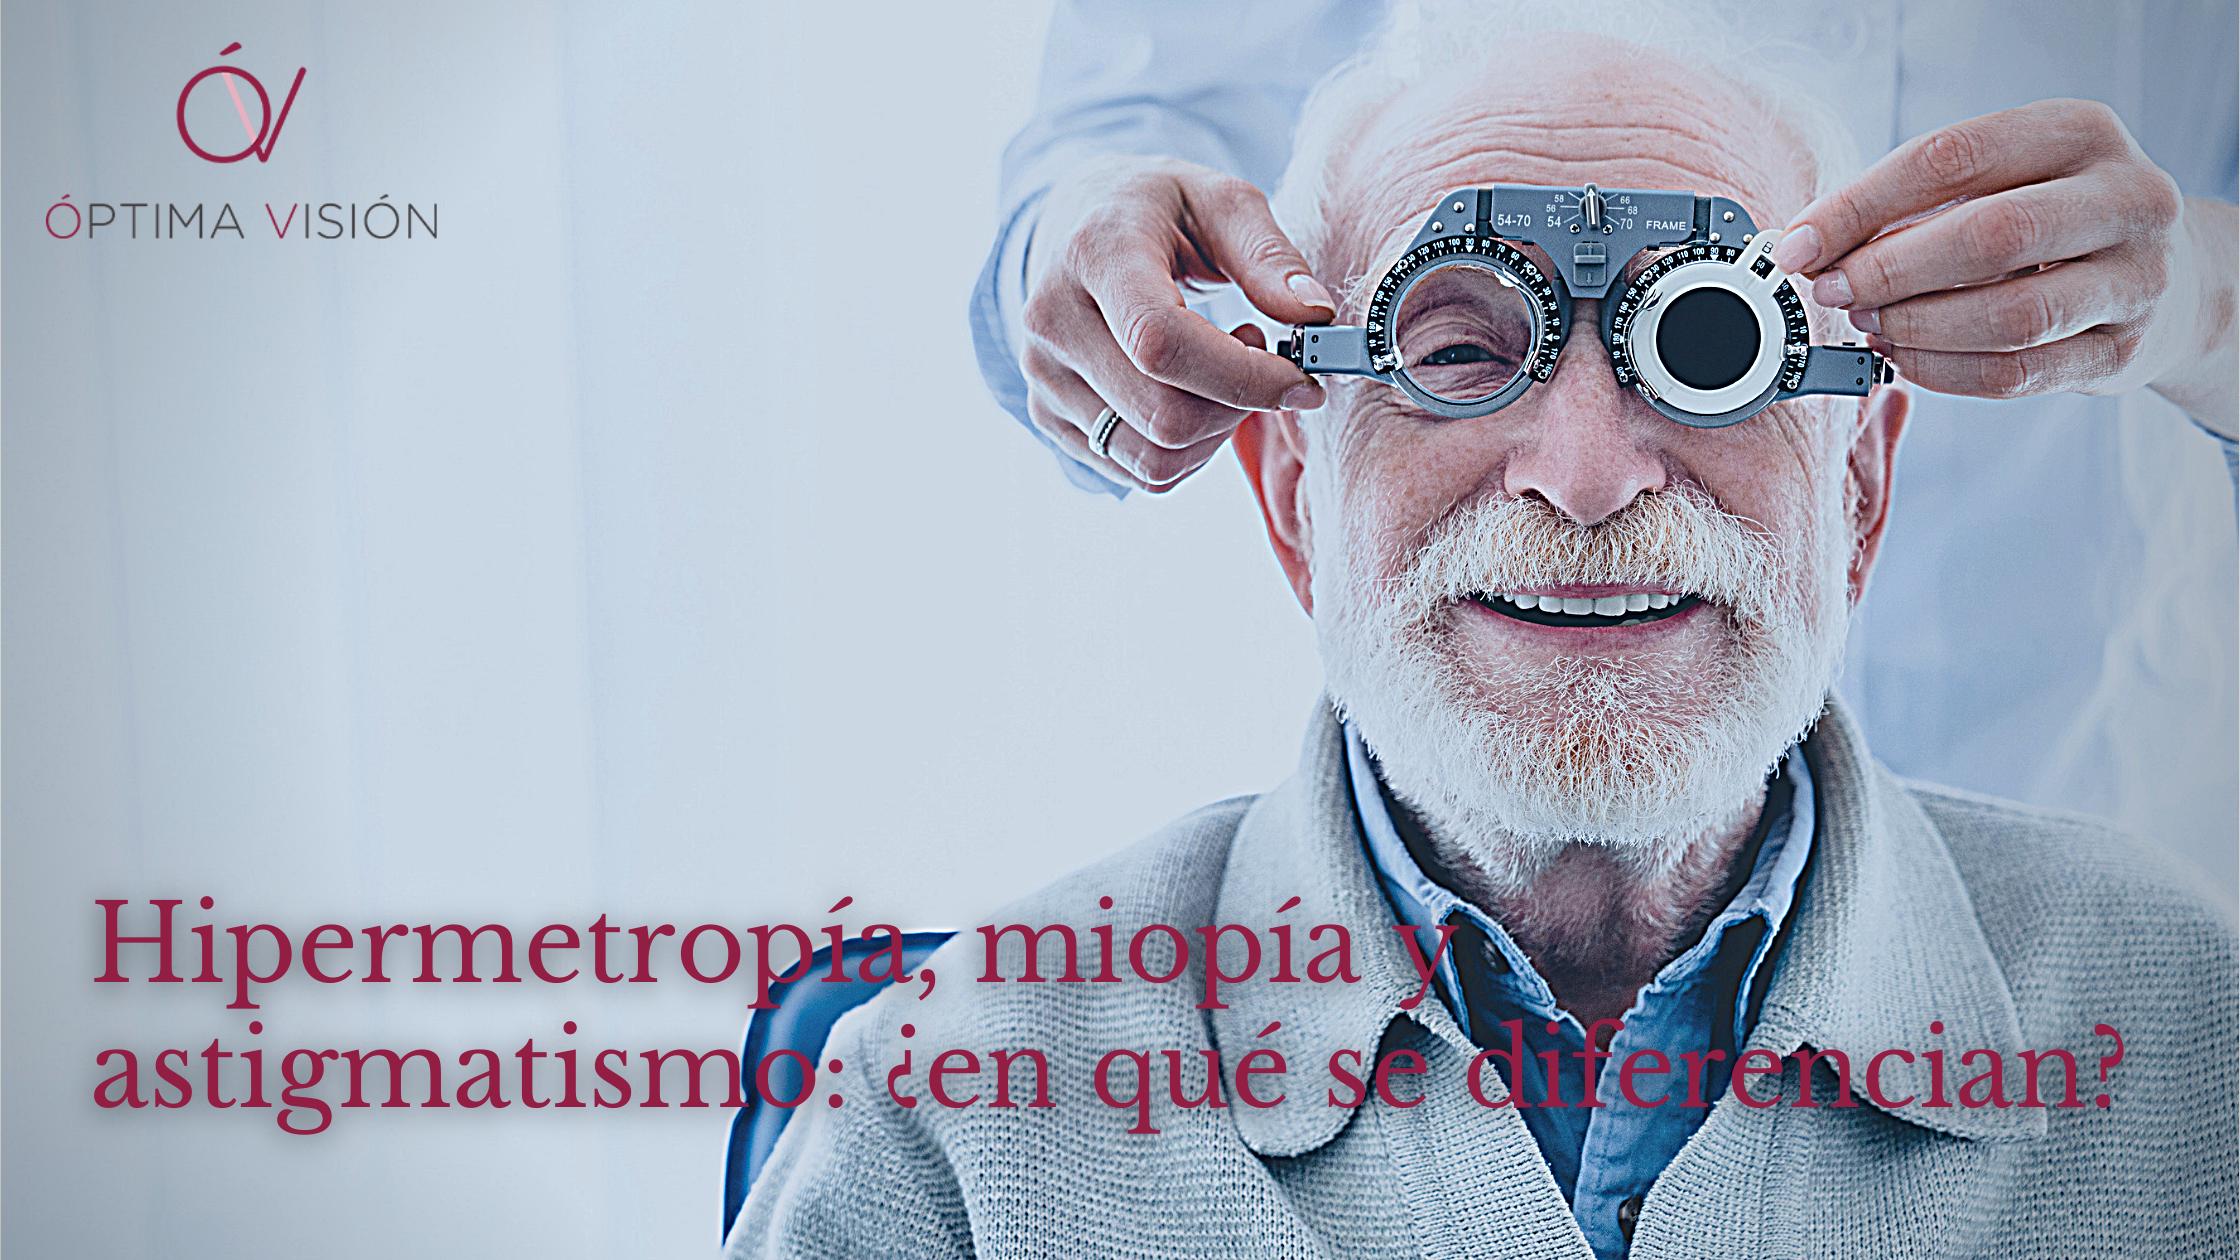 Hipermetropía, miopía y astigmatismo, ¿en qué se diferencian?